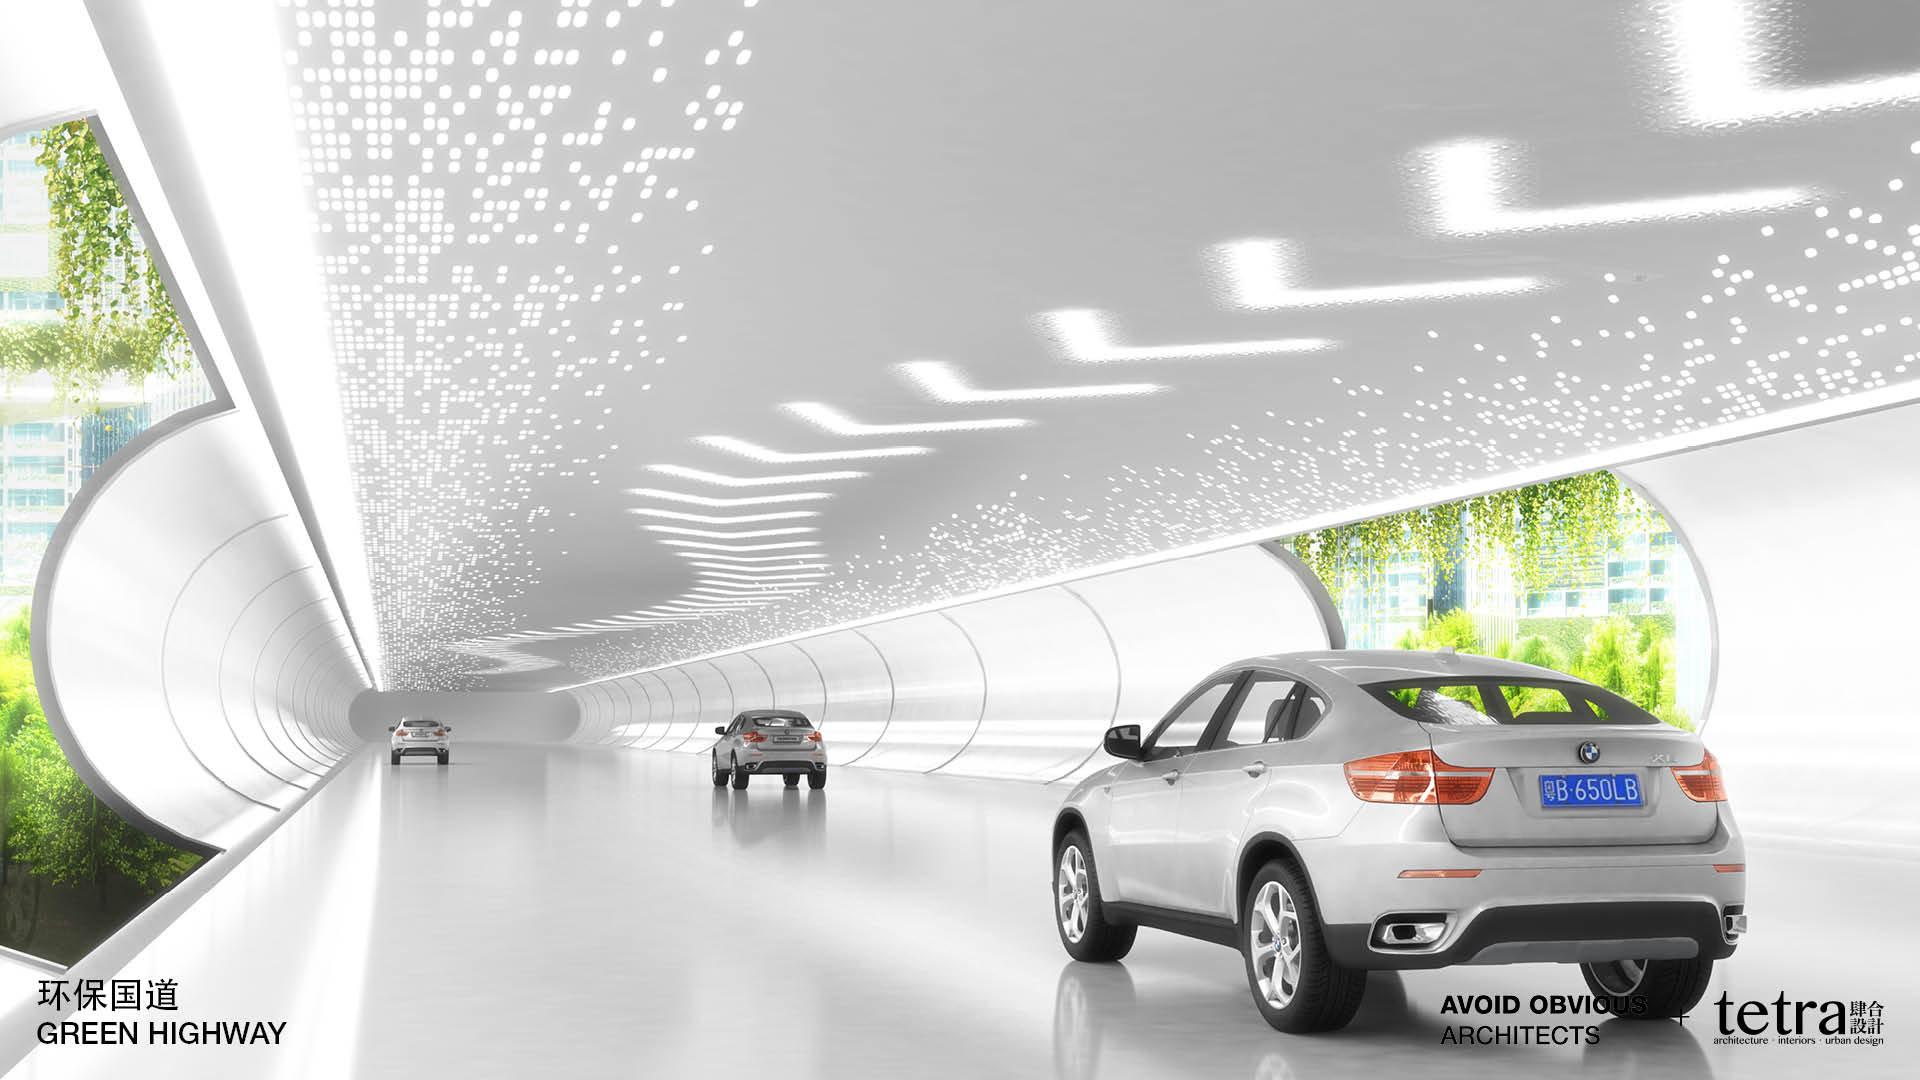 autostrada del futuro in Cina